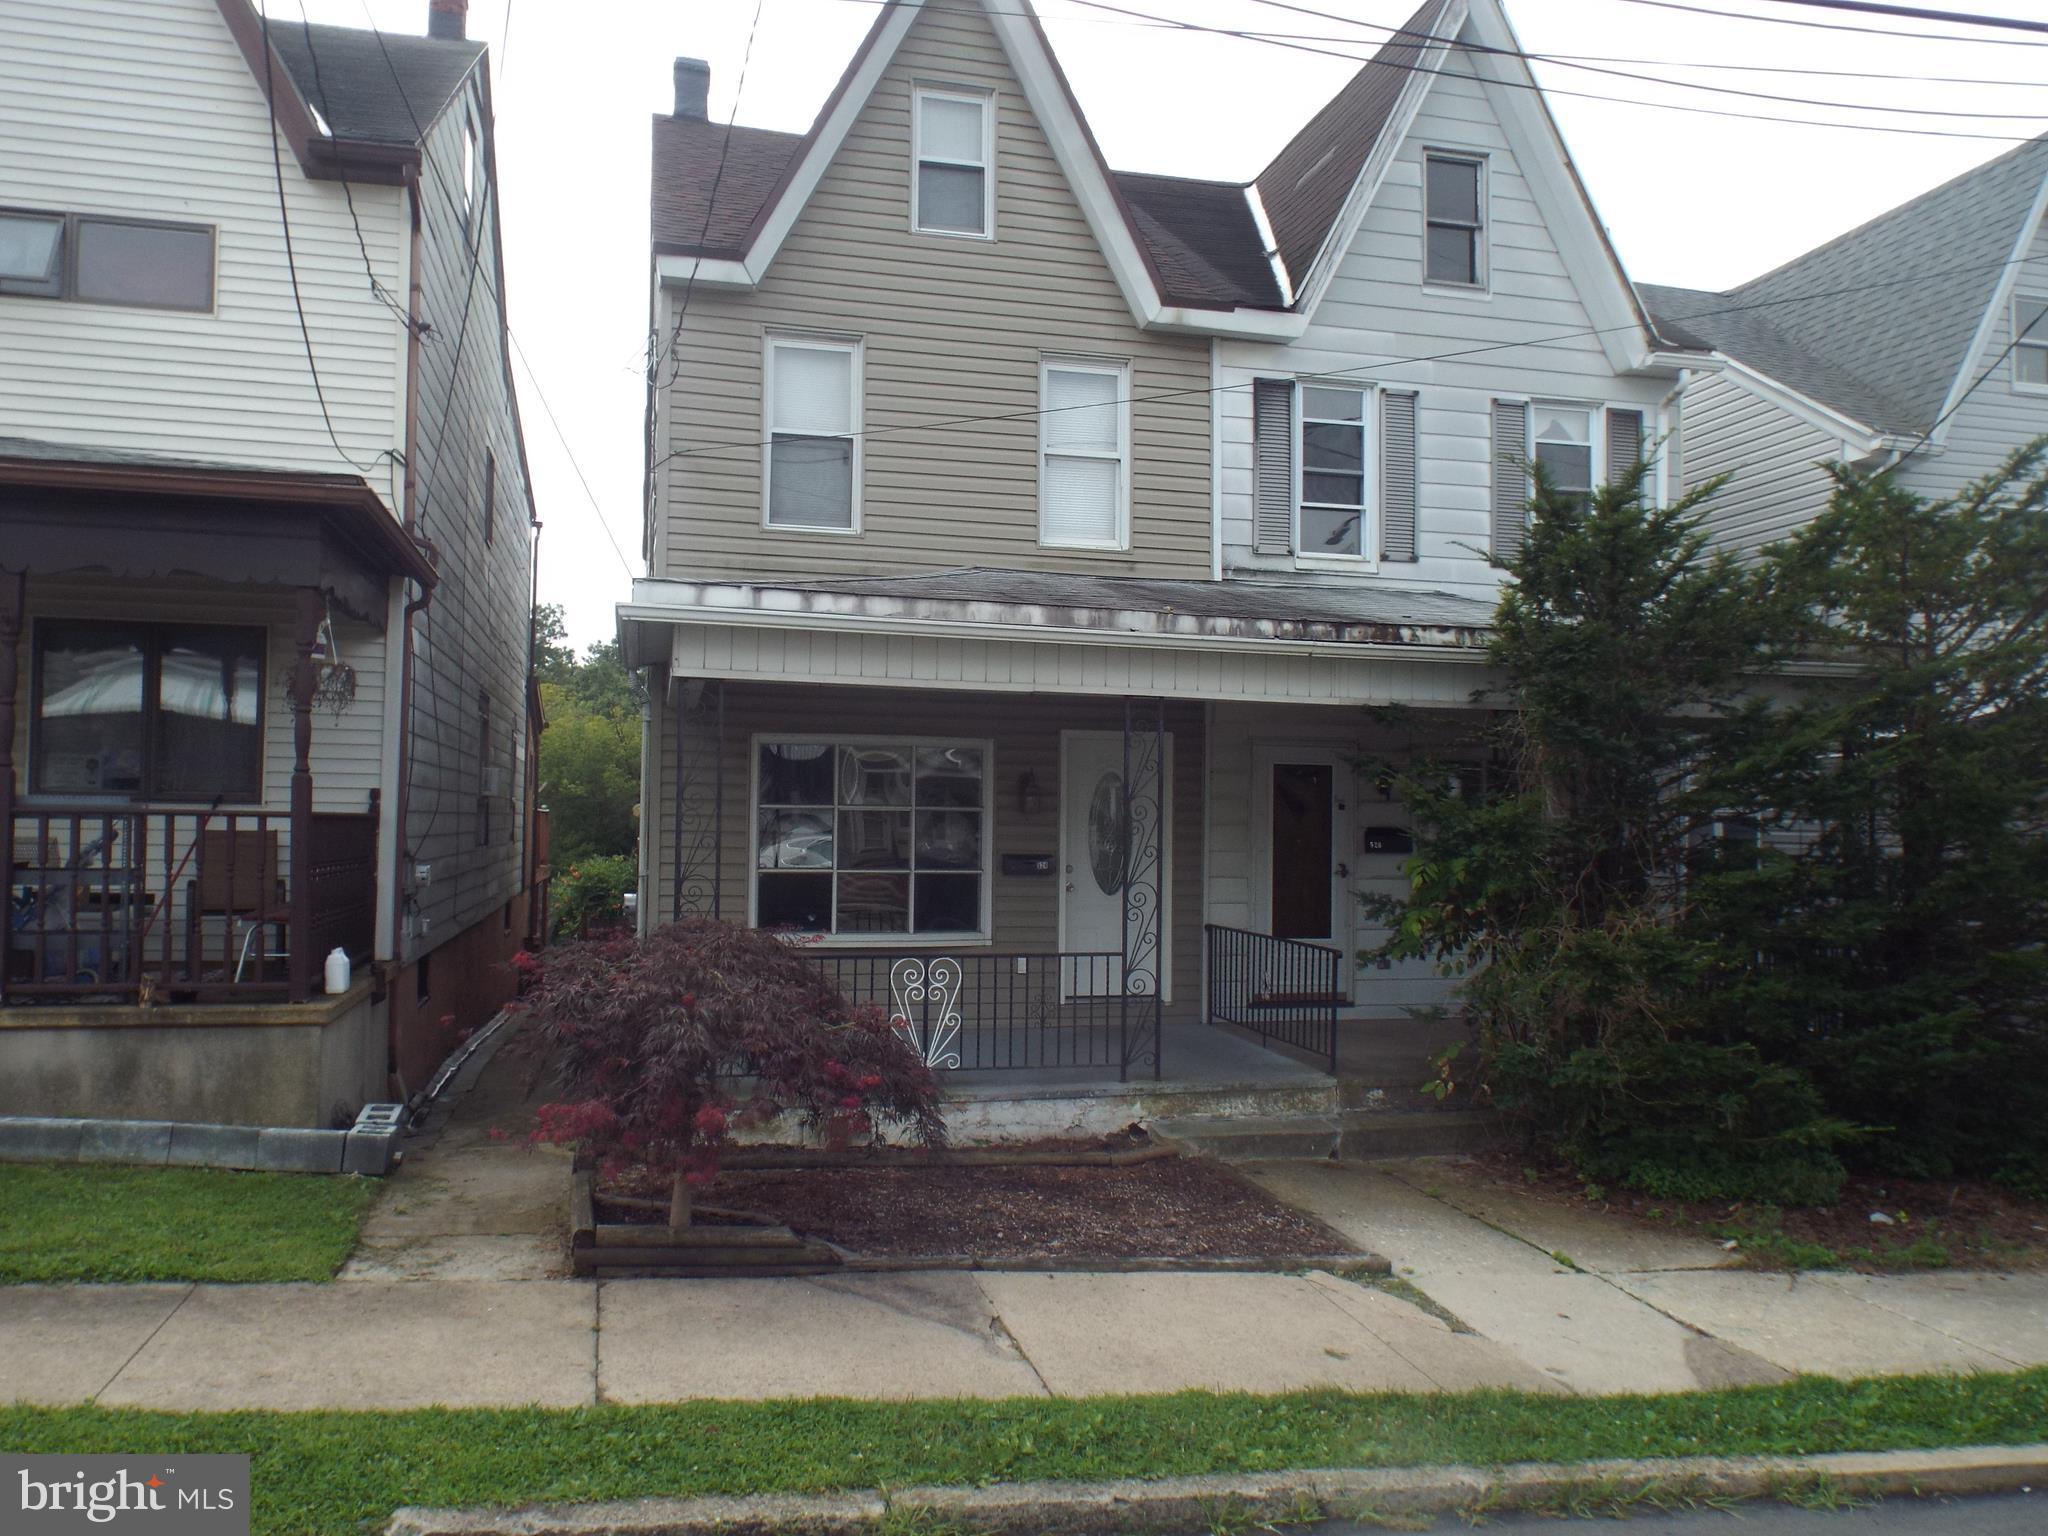 524 CHESTNUT STREET W, FRACKVILLE, PA 17931